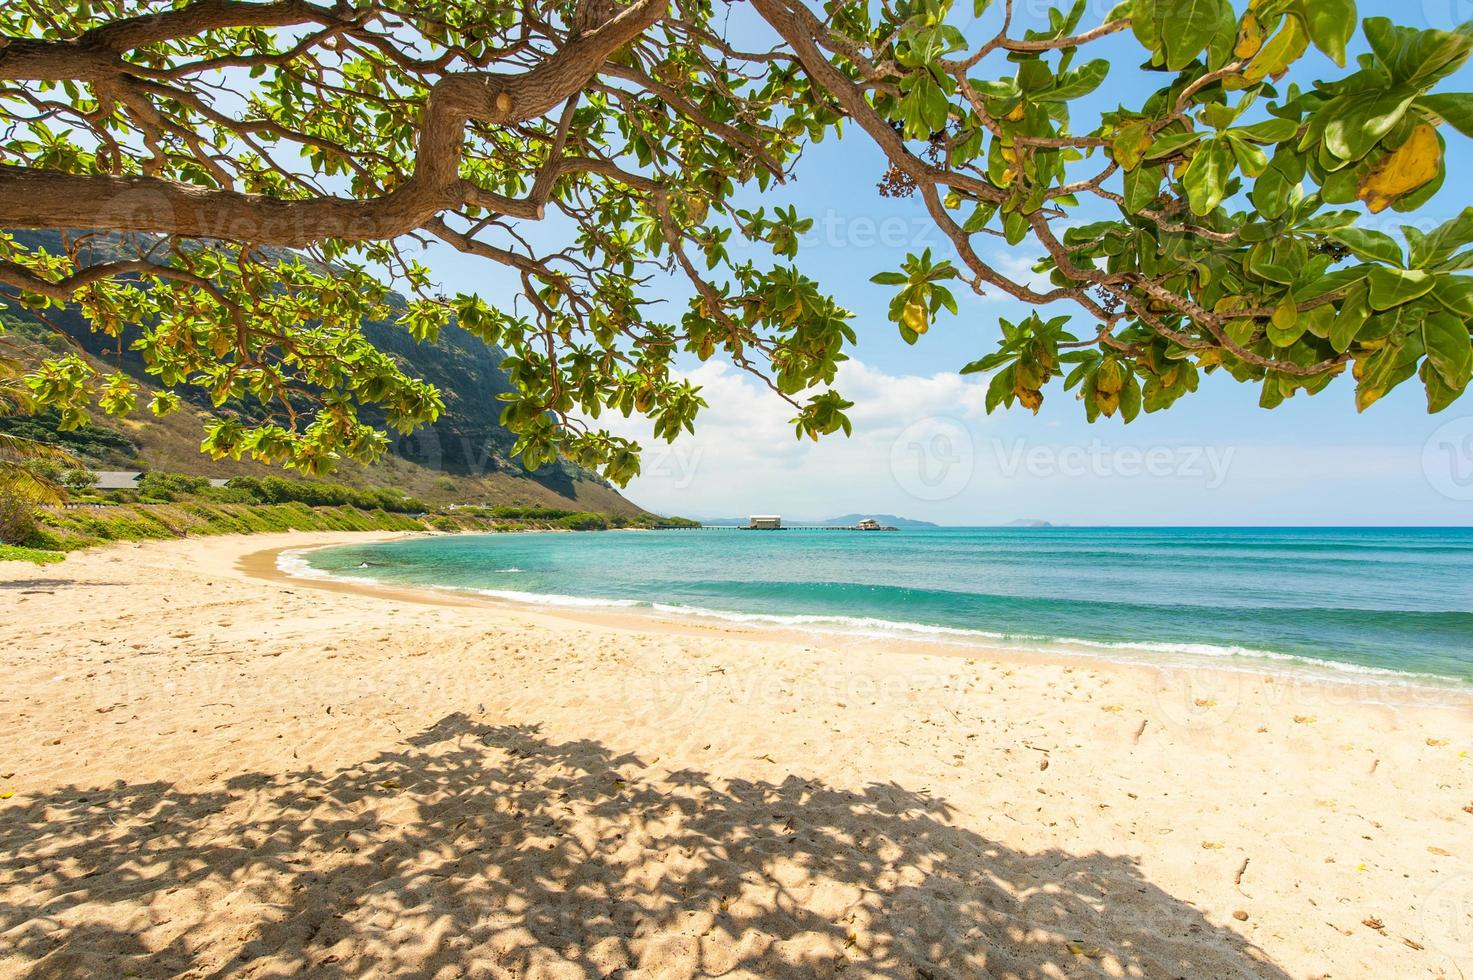 praia havaiana com fundo de areia e montanha foto